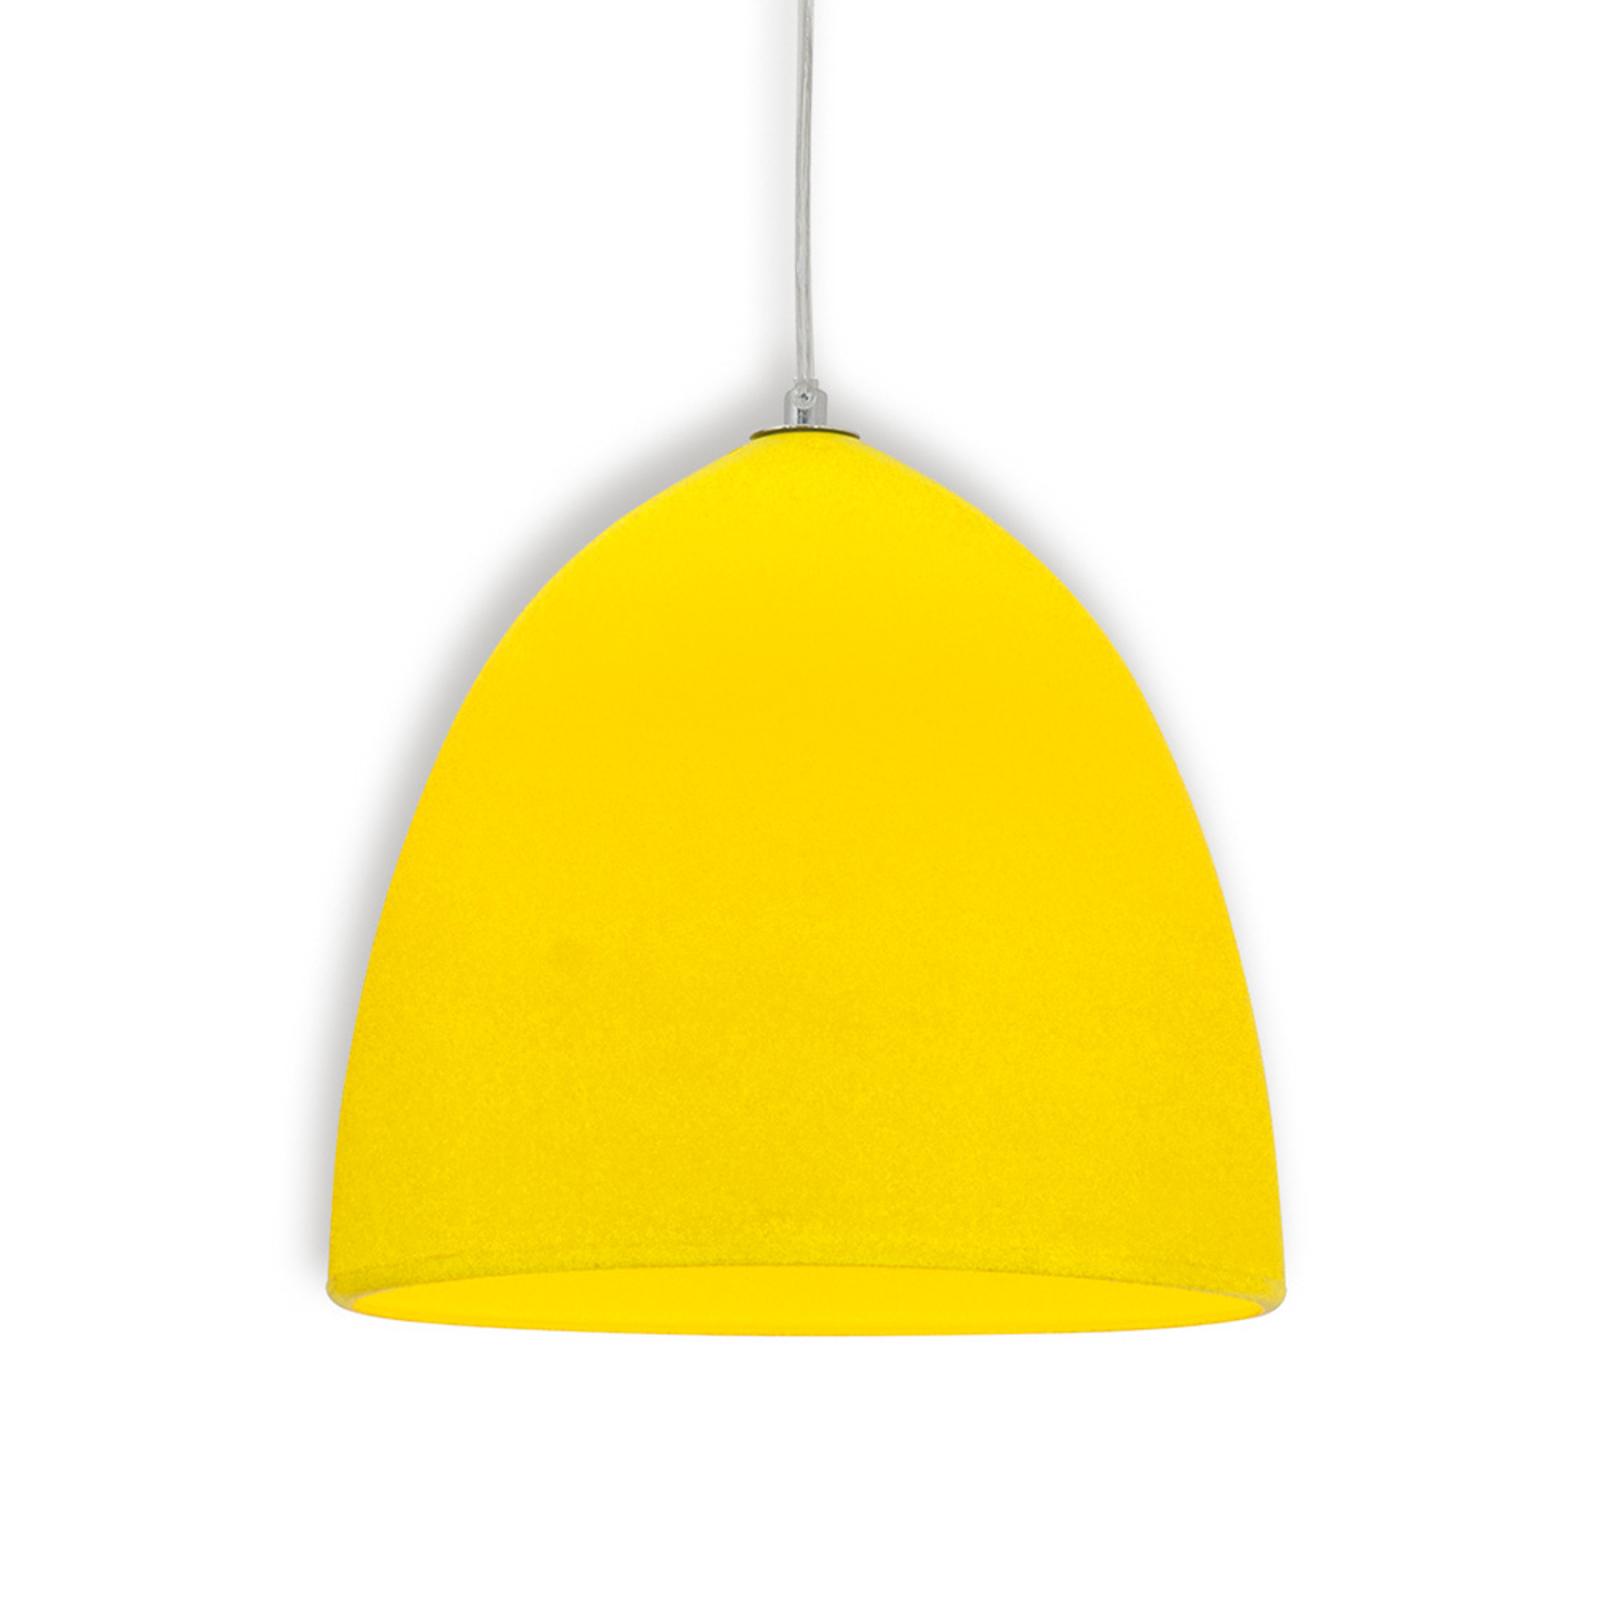 Hängeleuchte Fancy aus Silikon, gelb